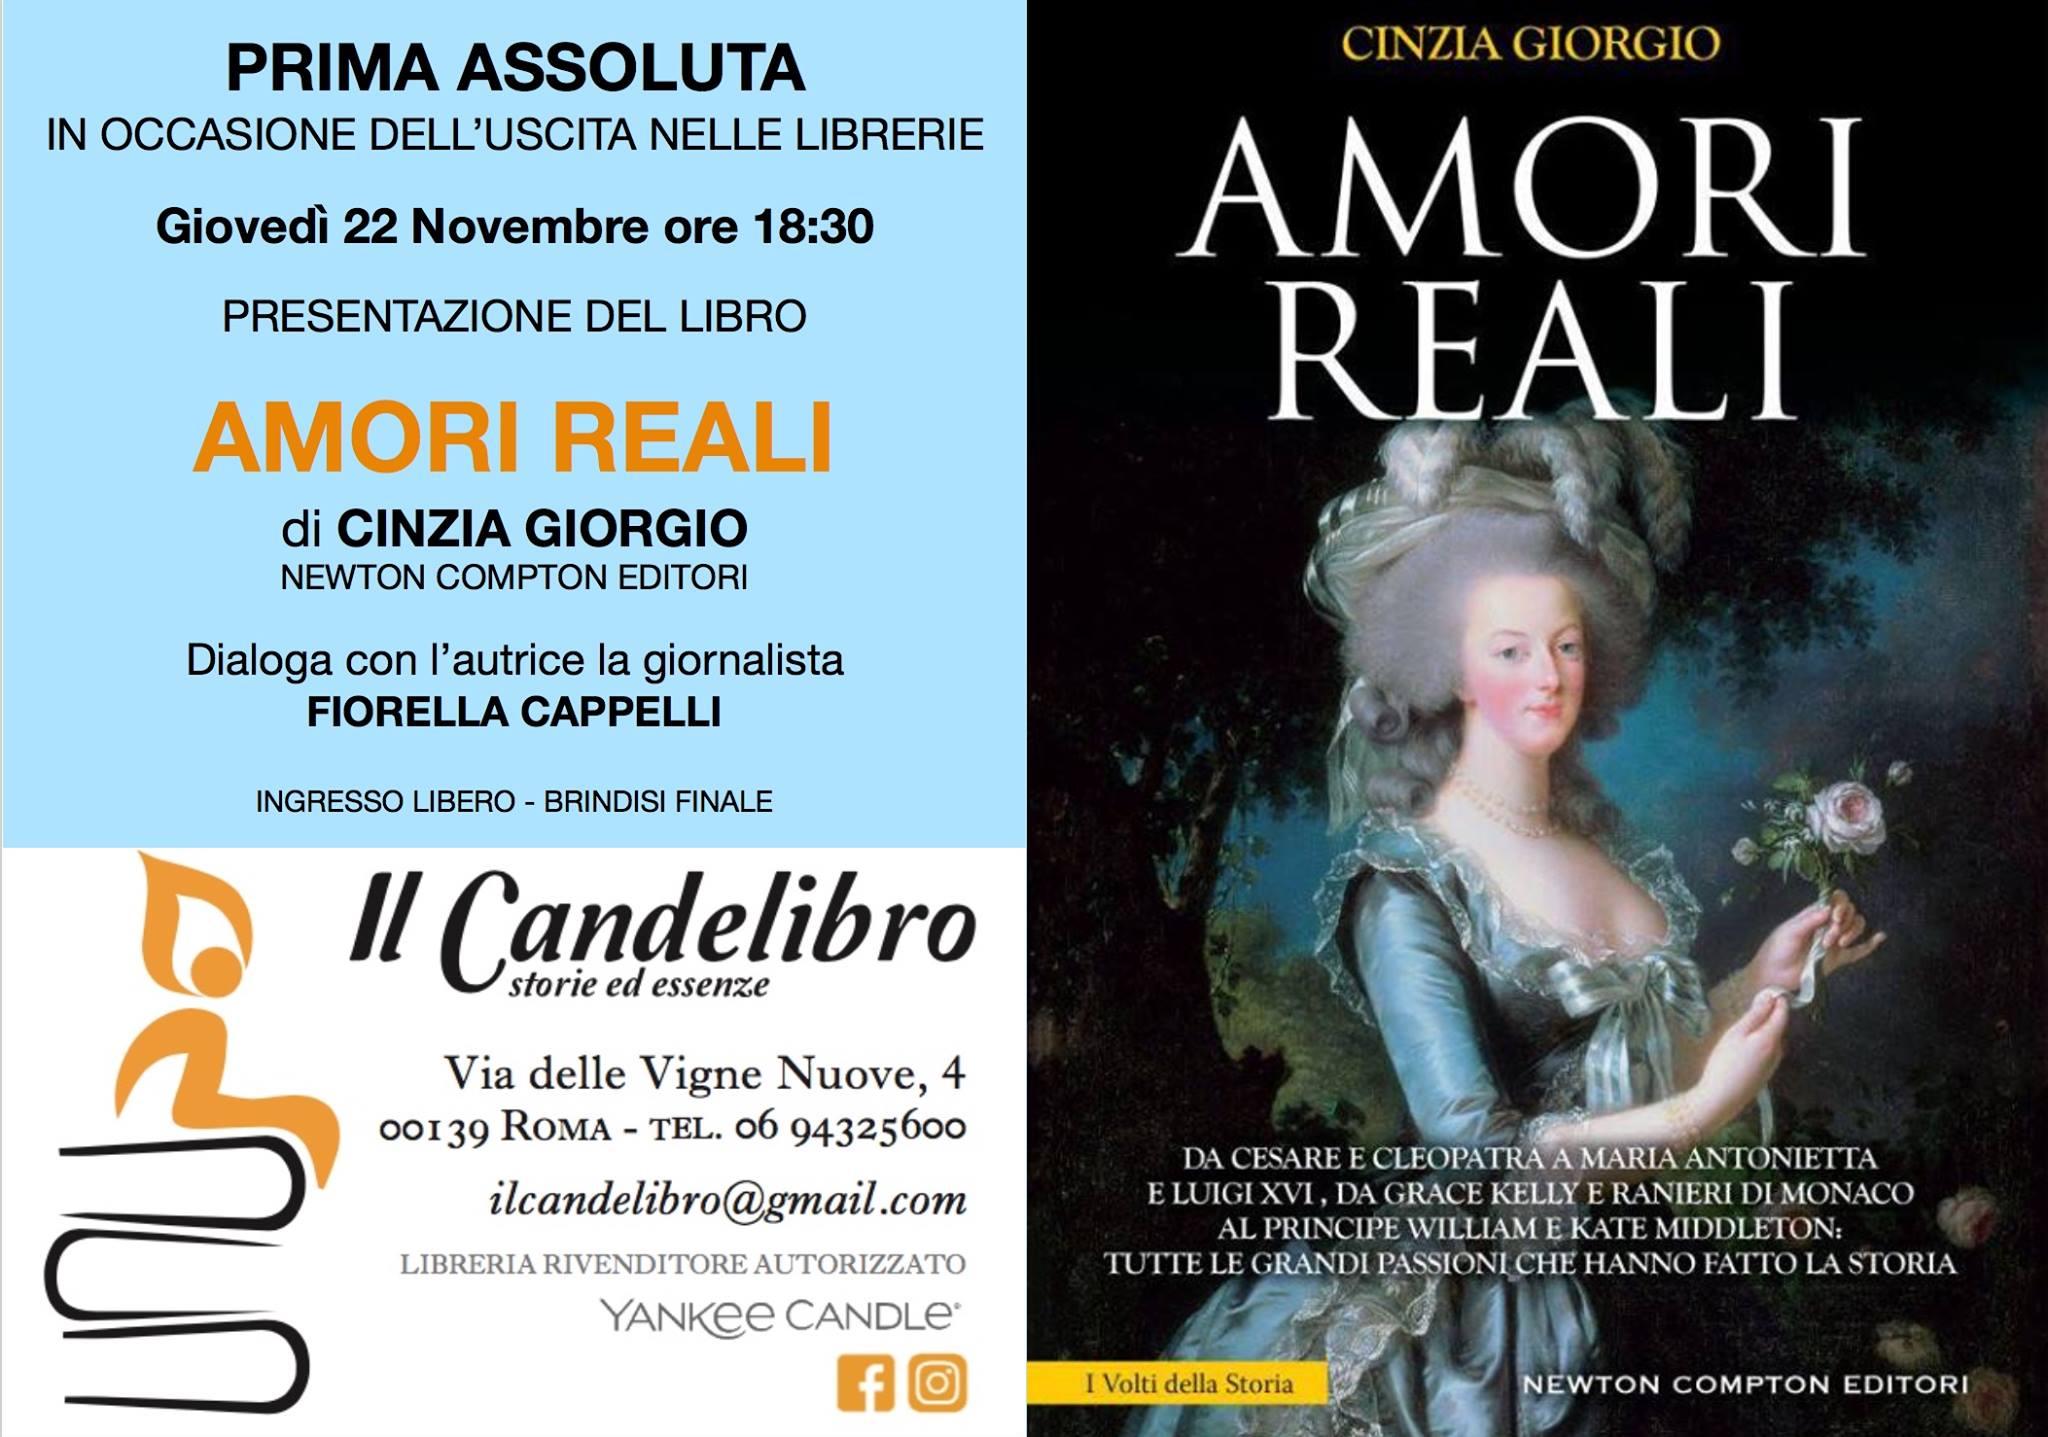 Amori reali: il nuovo libro di Cinzia Giorgio in prima assoluta al Candelibro